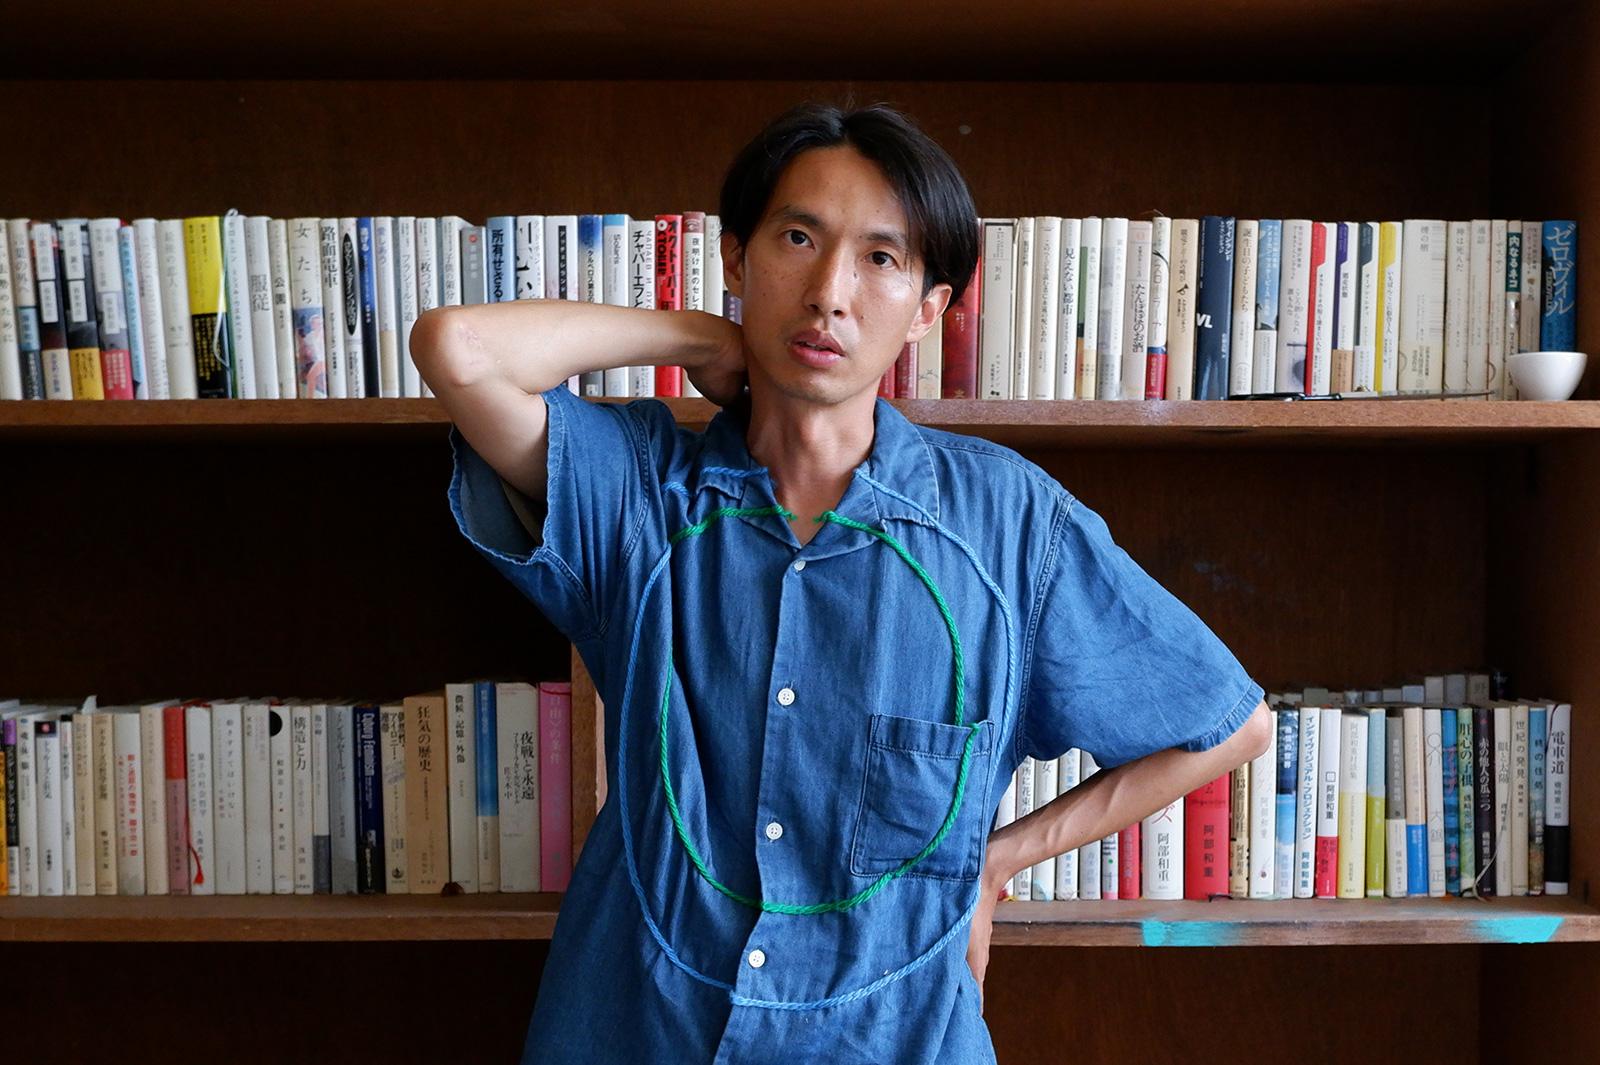 映画で「とまどい」を案内したい。『ハッピーアワー』出演者・柴田修兵が鳥取でミニシアターをつくる理由